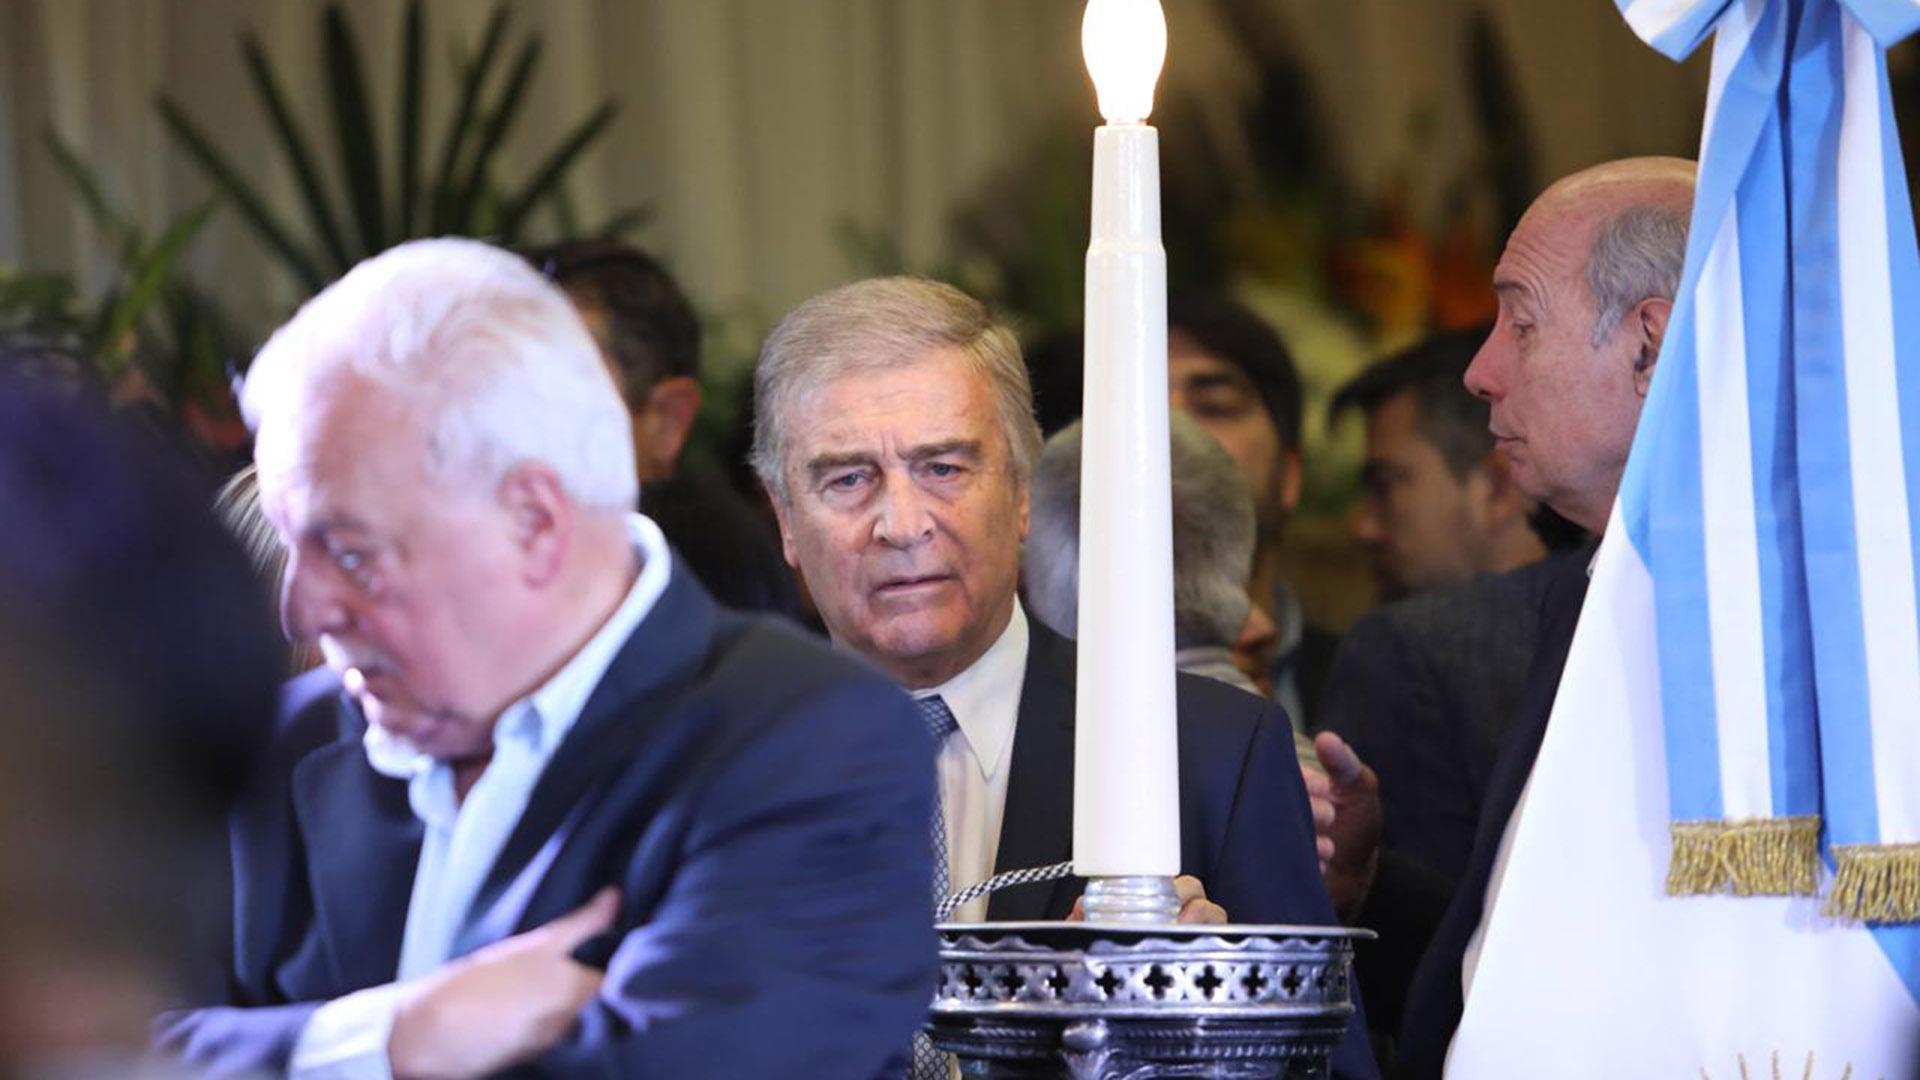 El ministro de Defensa y referente del radicalismo cordobés Oscar Aguad asistió al sepelio